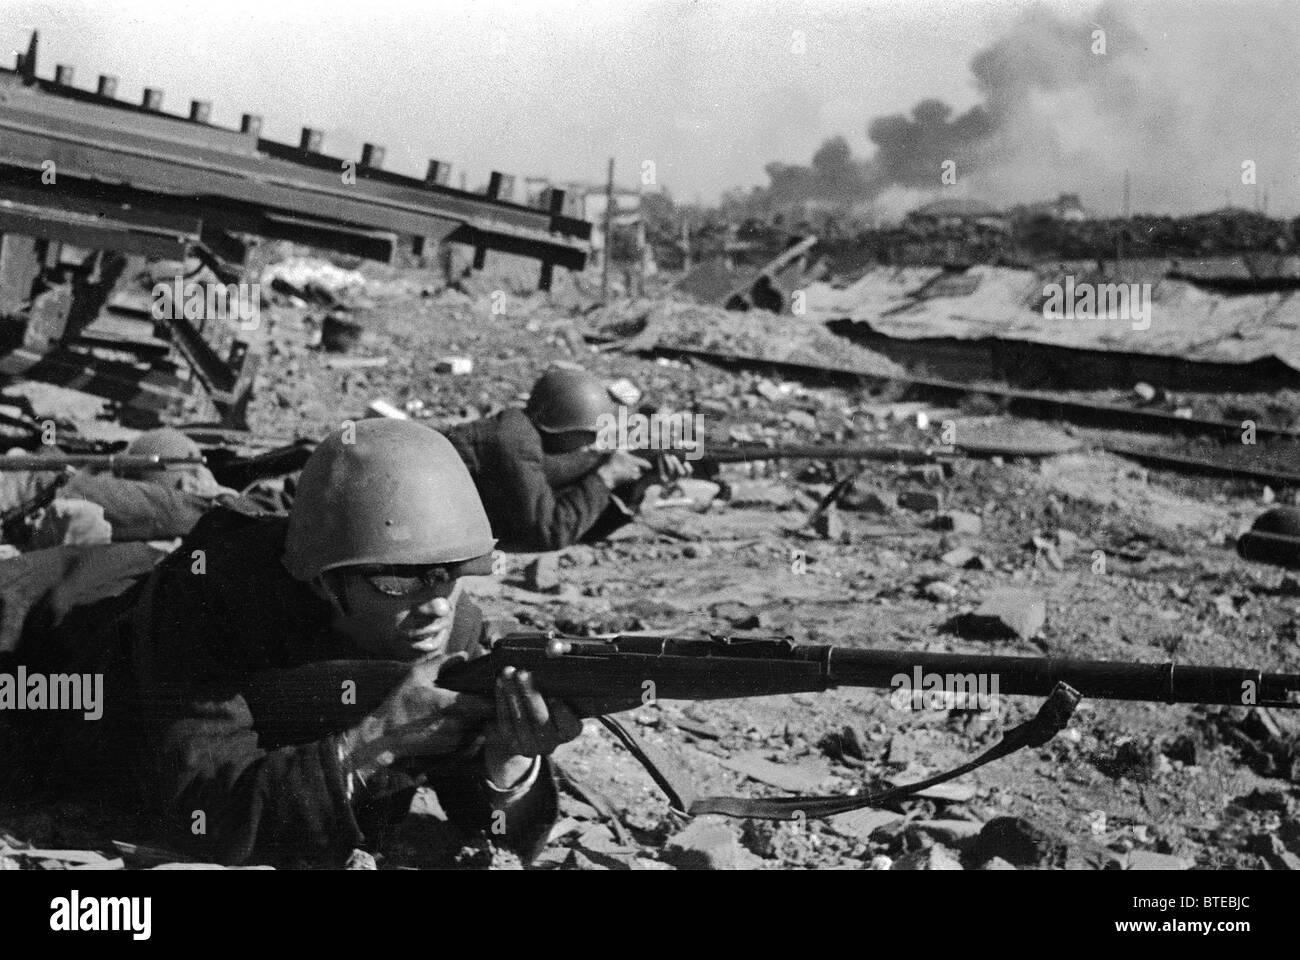 Great Patriotic War. Stalingrad, 1942 - Stock Image